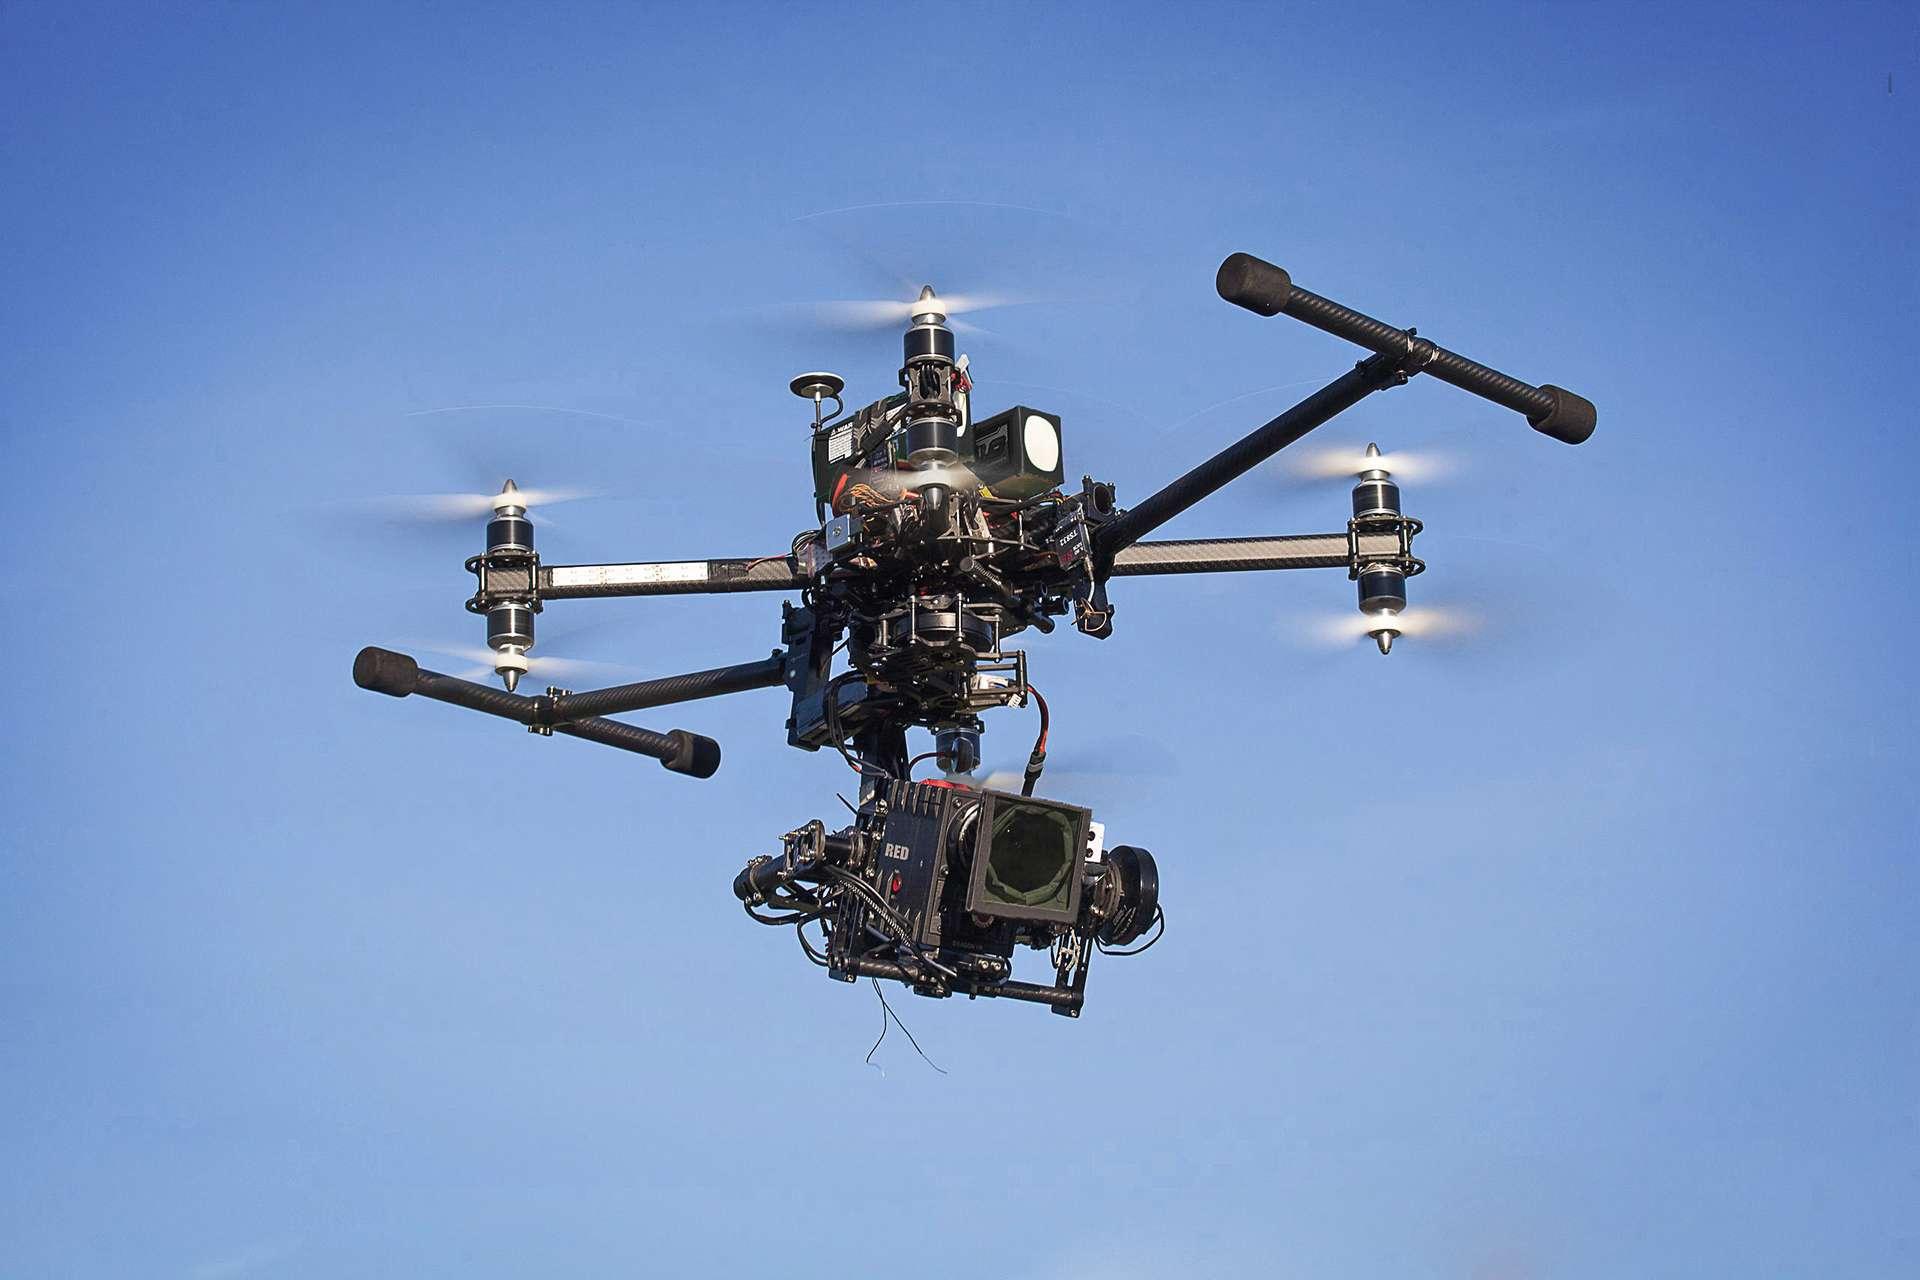 Drone festival in Turkey